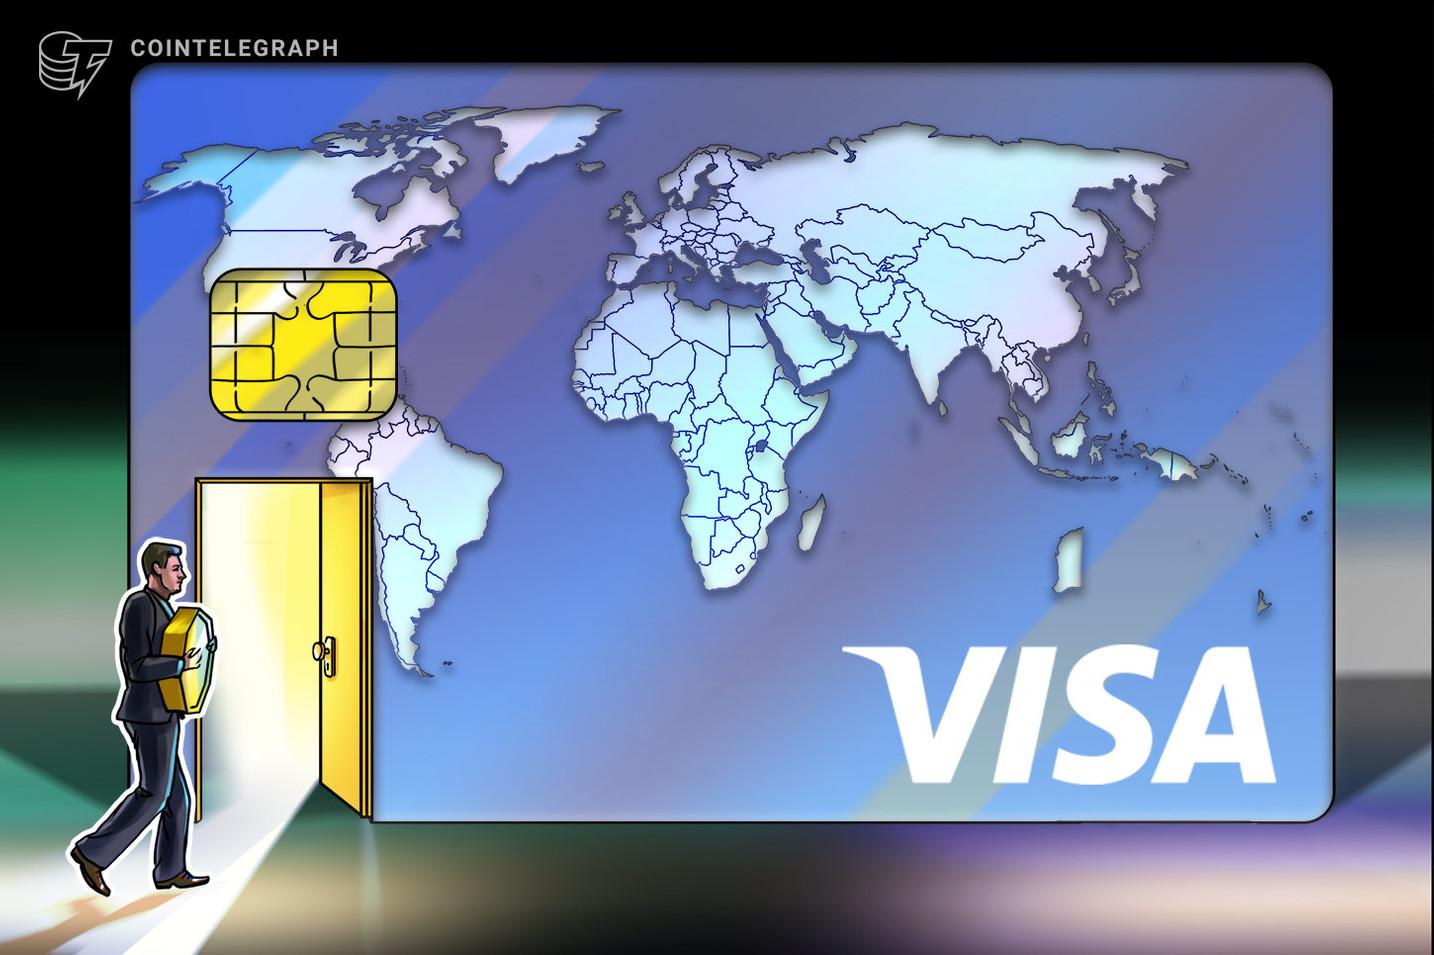 Visa, yeni iş birliğiyle kripto sektöründeki varlığını güçlendiriyor